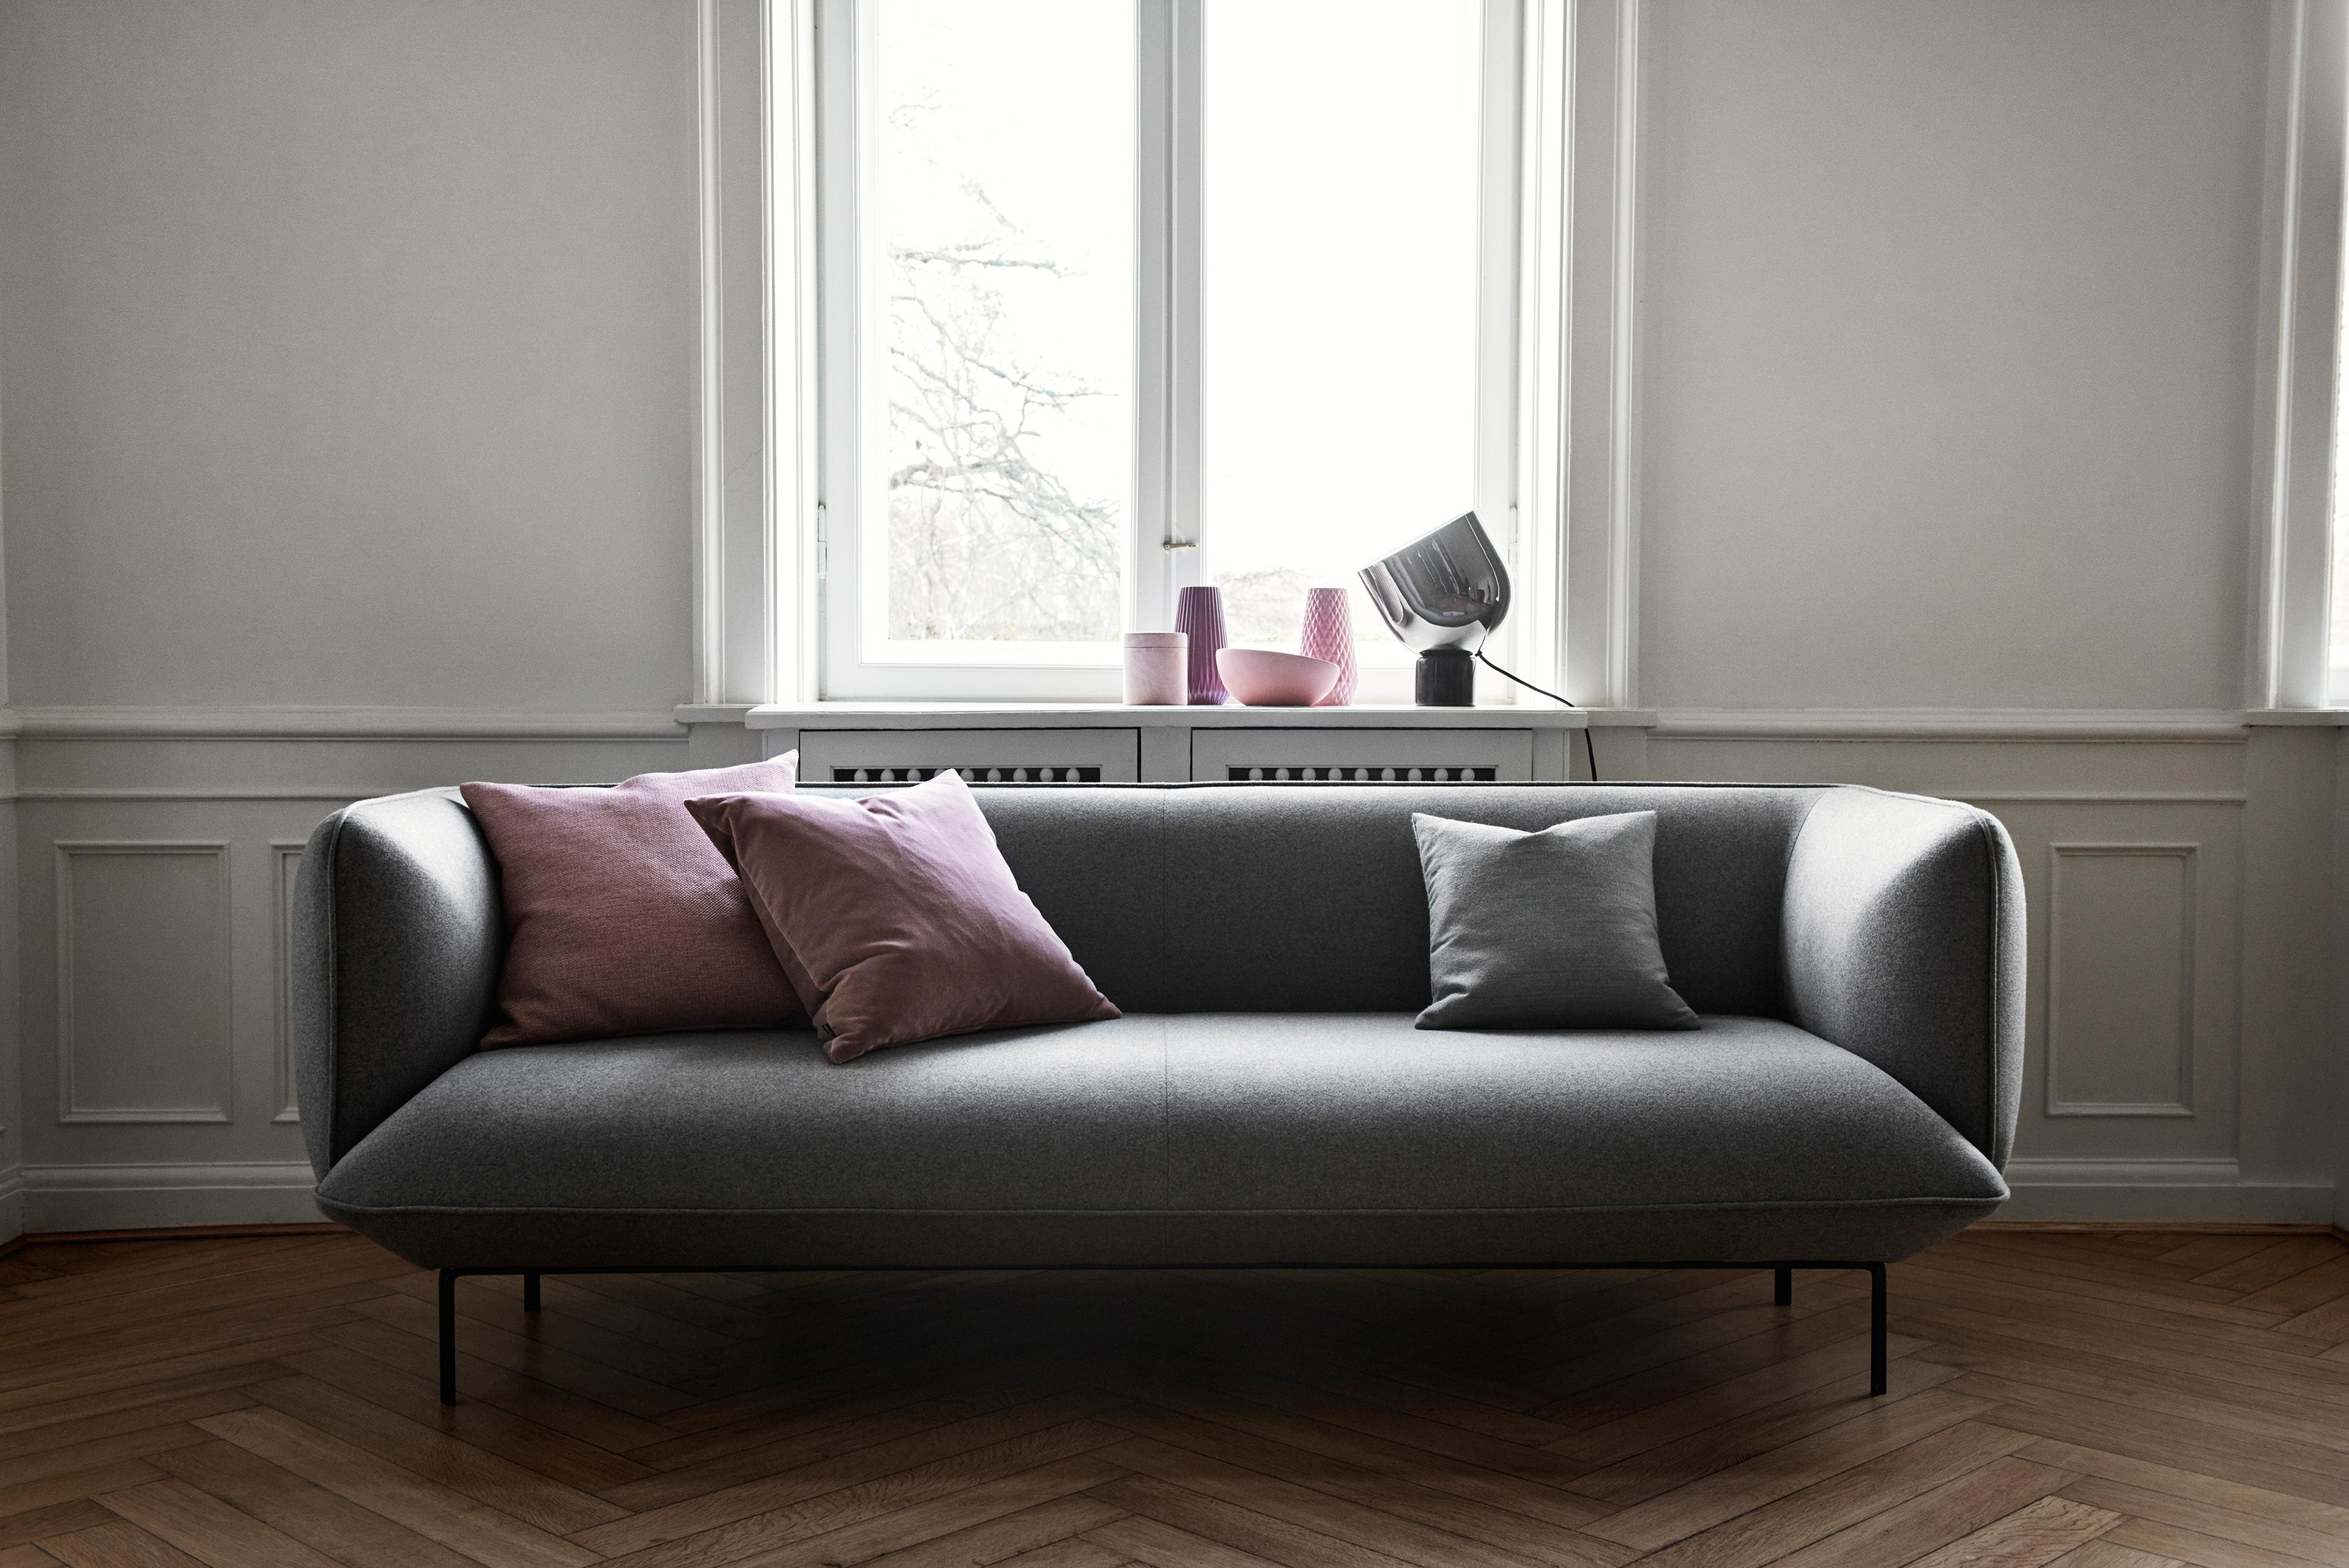 Bolia Sofa cloud sofa collection for bolia on behance